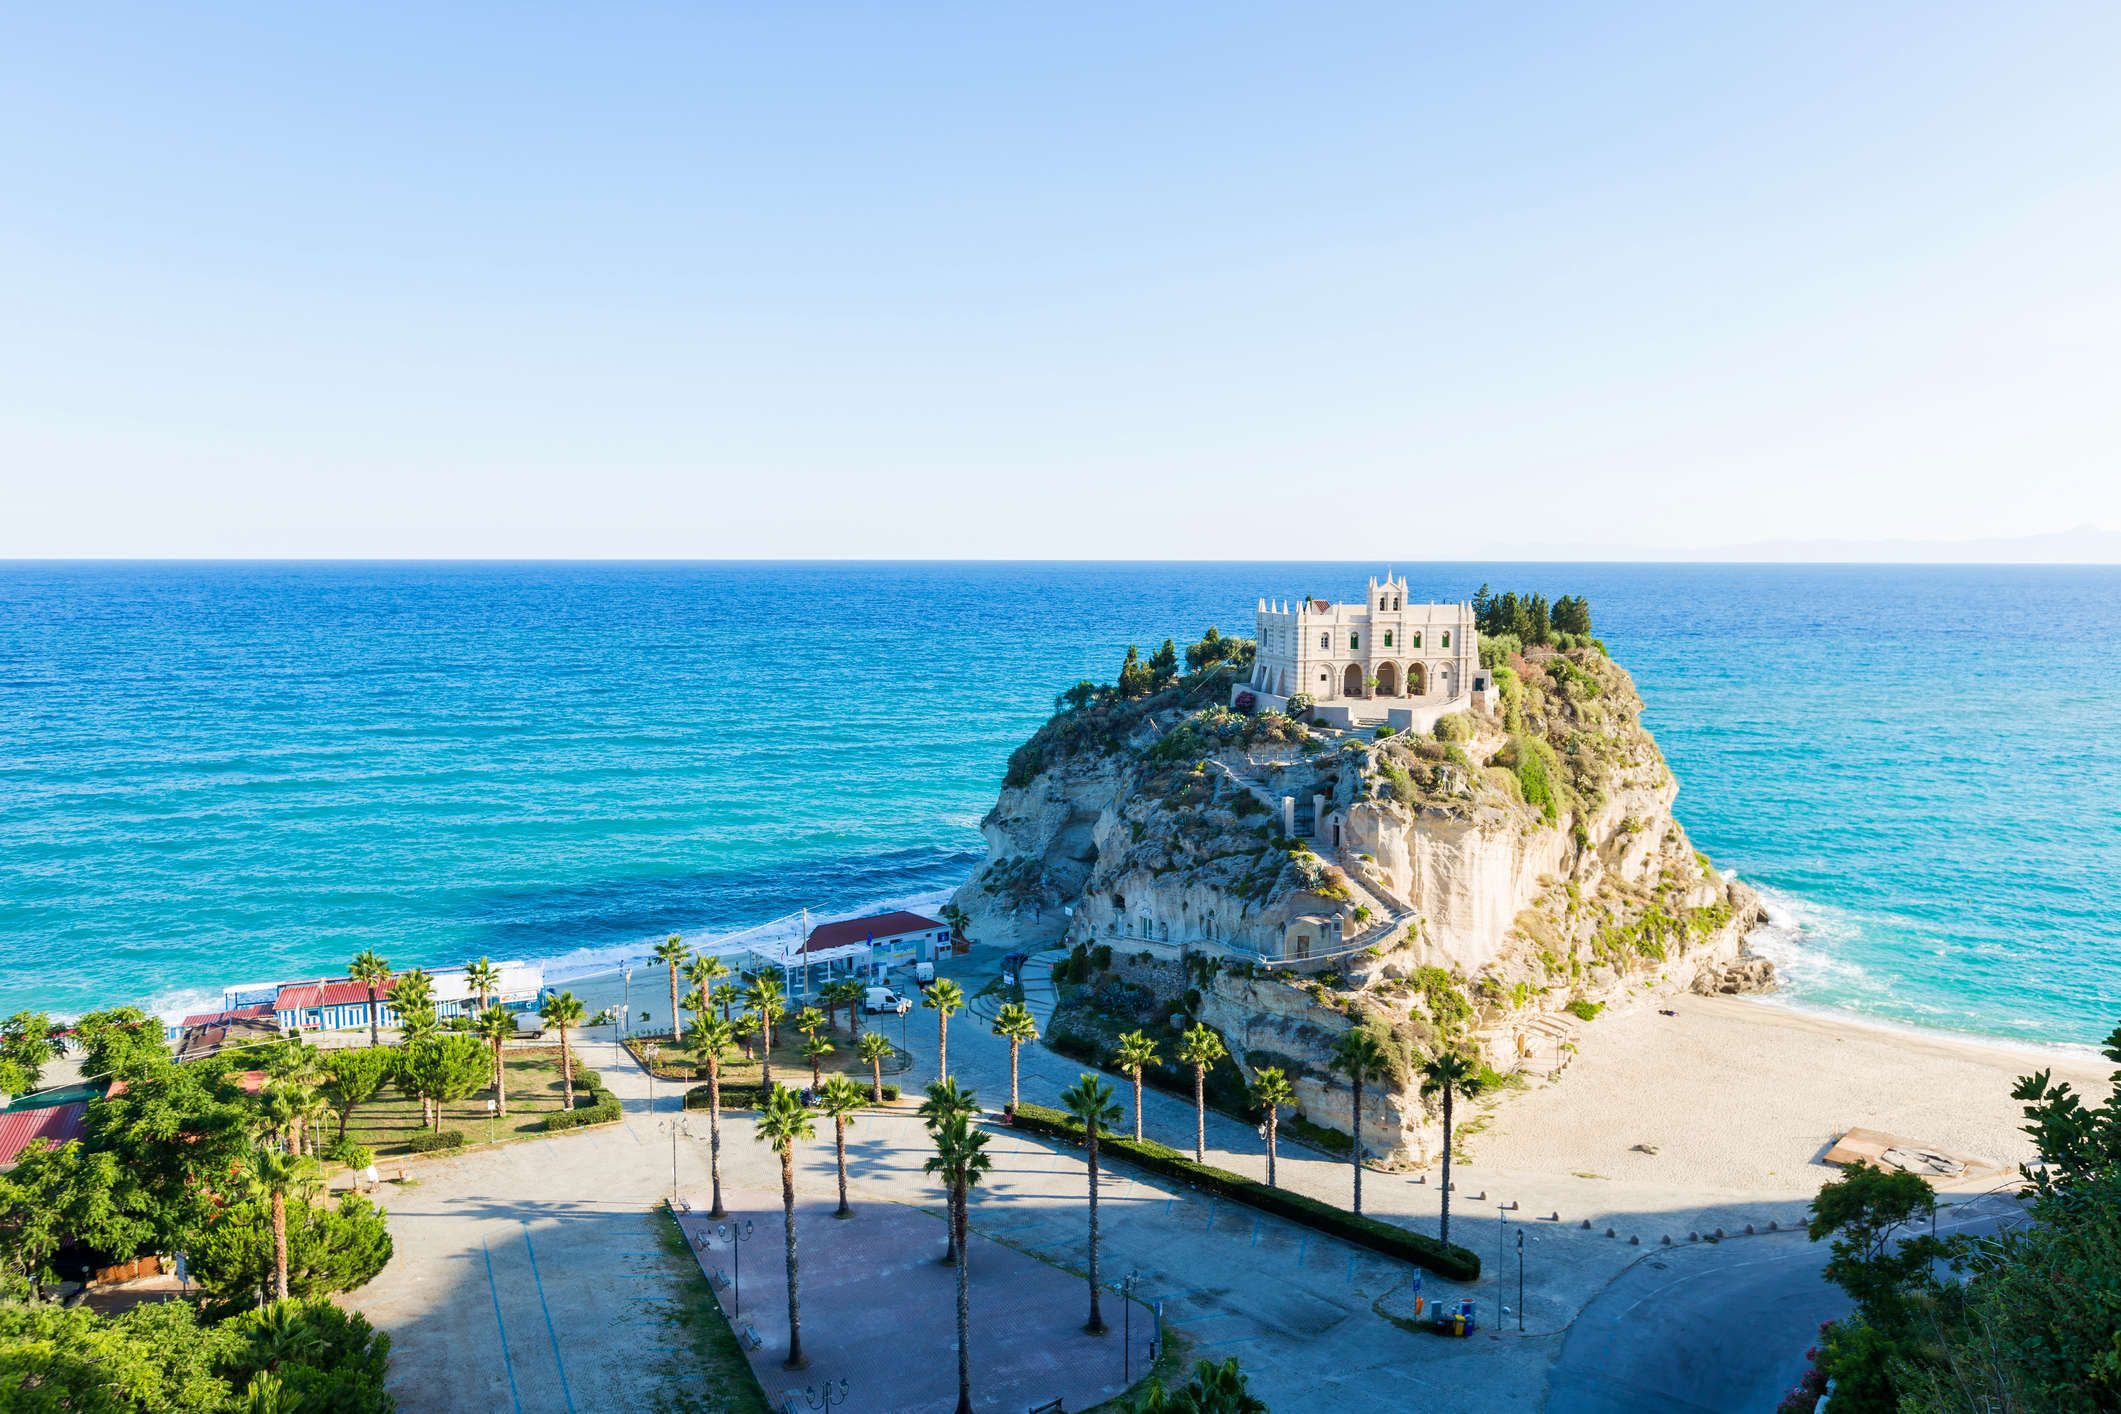 2° Giorno: Pizzo - Tropea - Scilla - Reggio Calabria